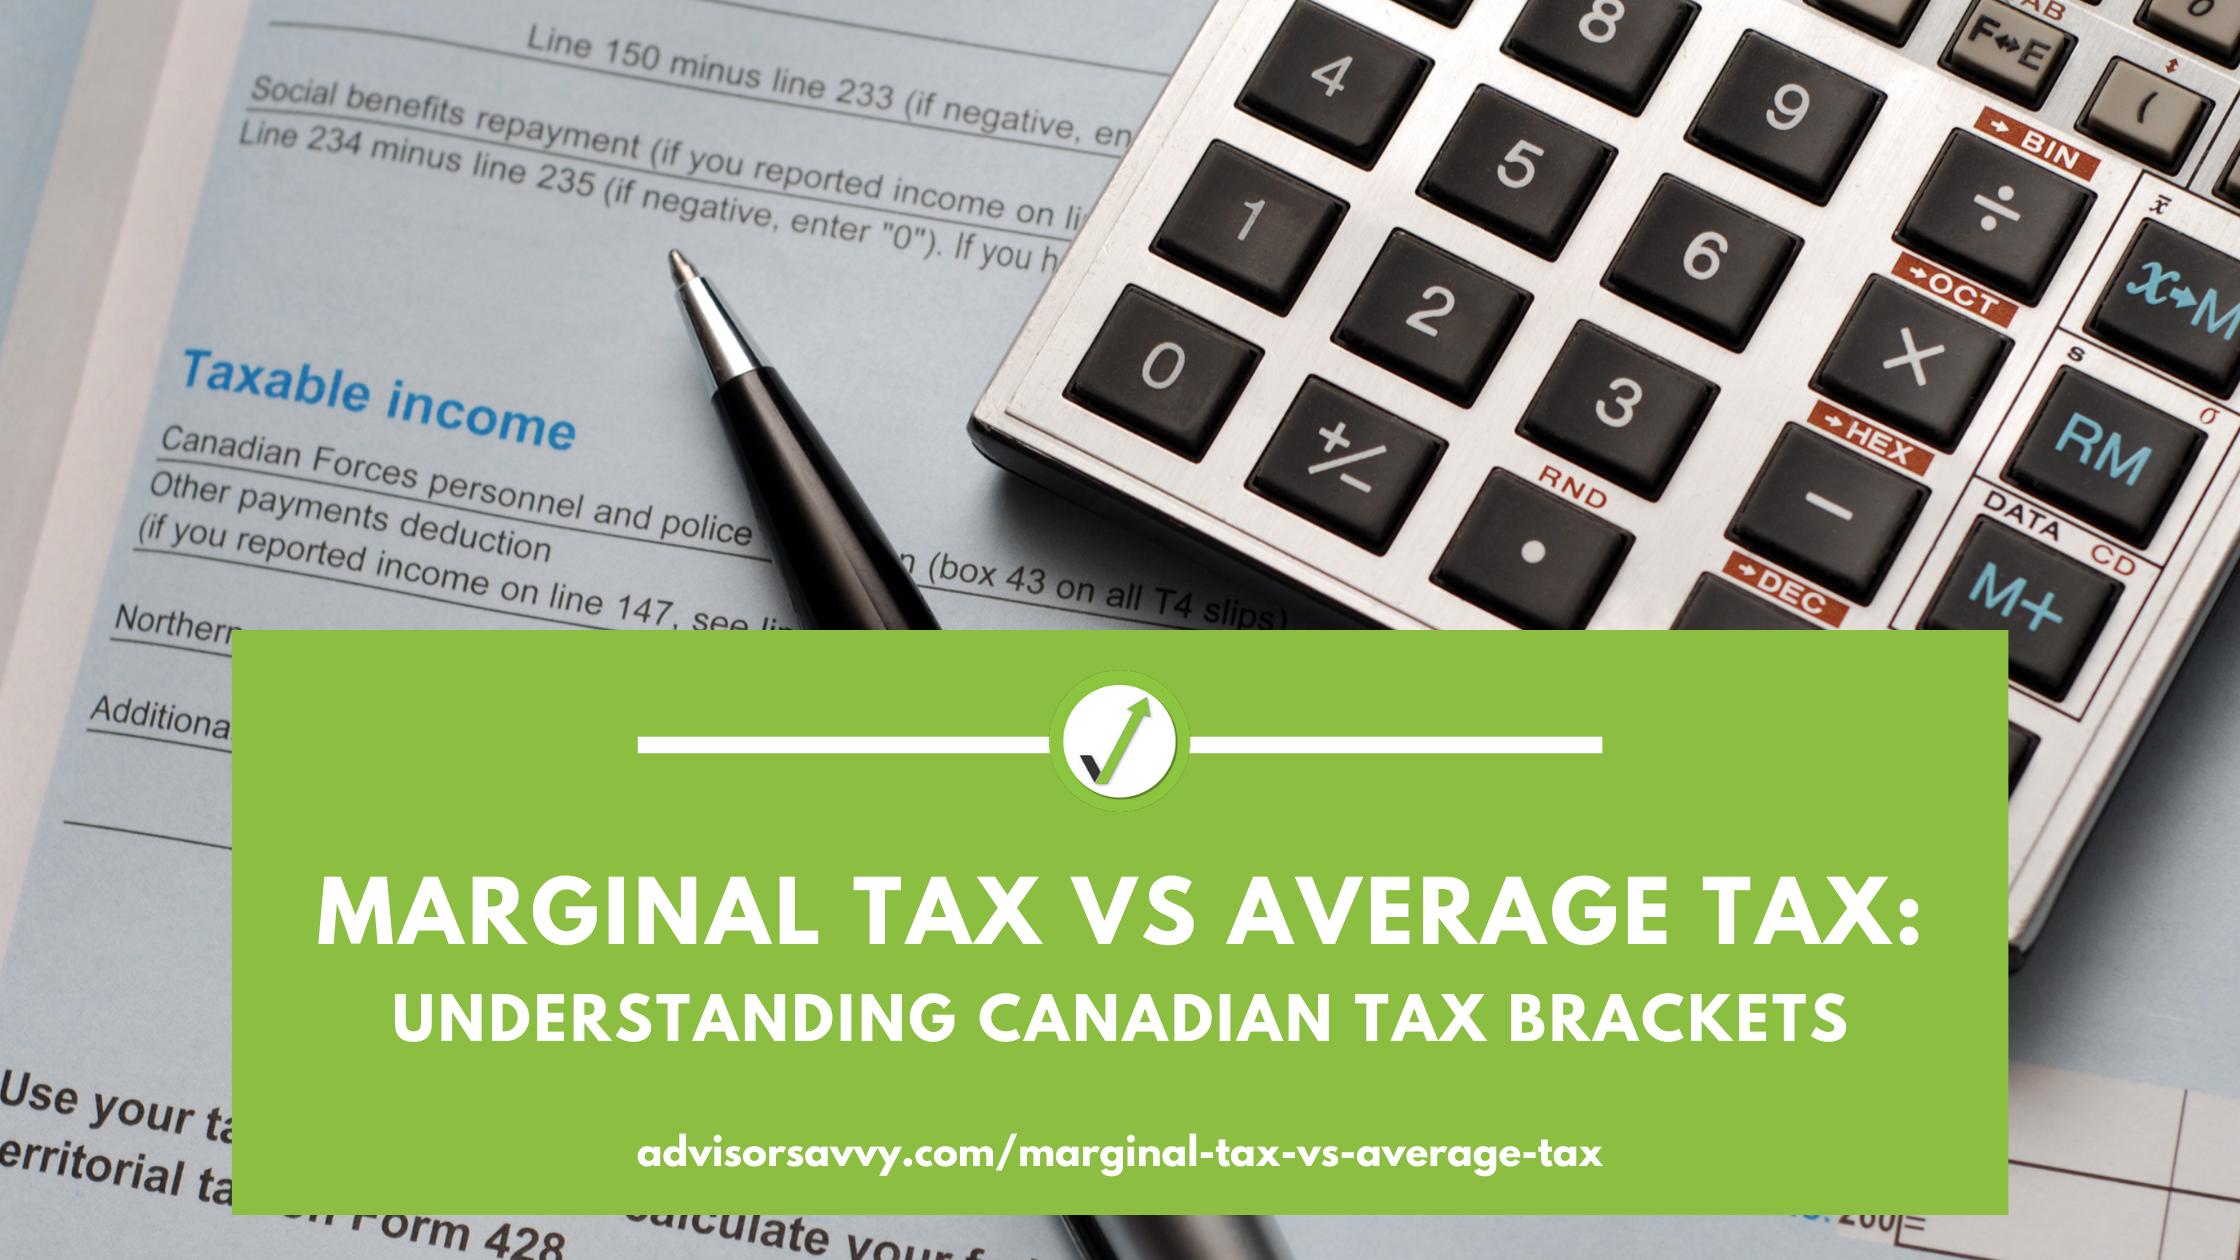 Marginal Tax vs Average Tax